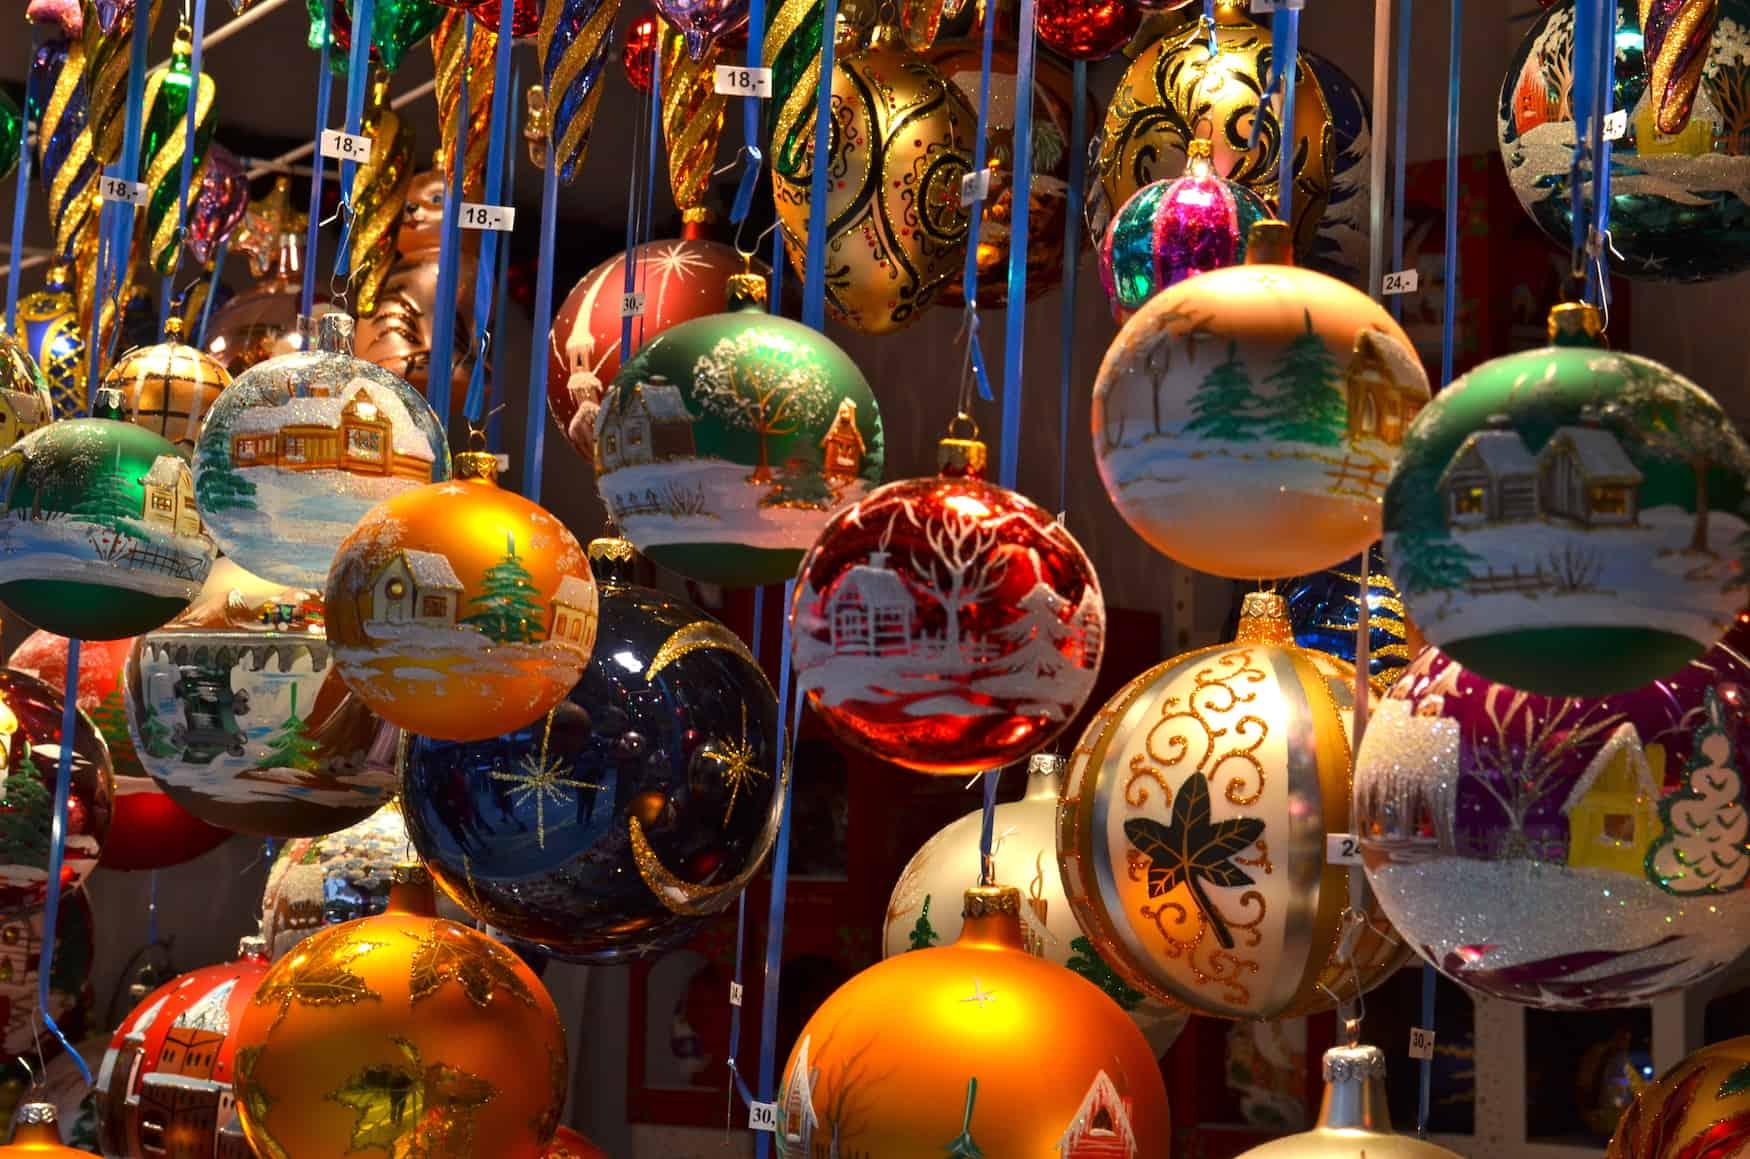 Weihnachtsmarktbude mit Christbaumkugeln